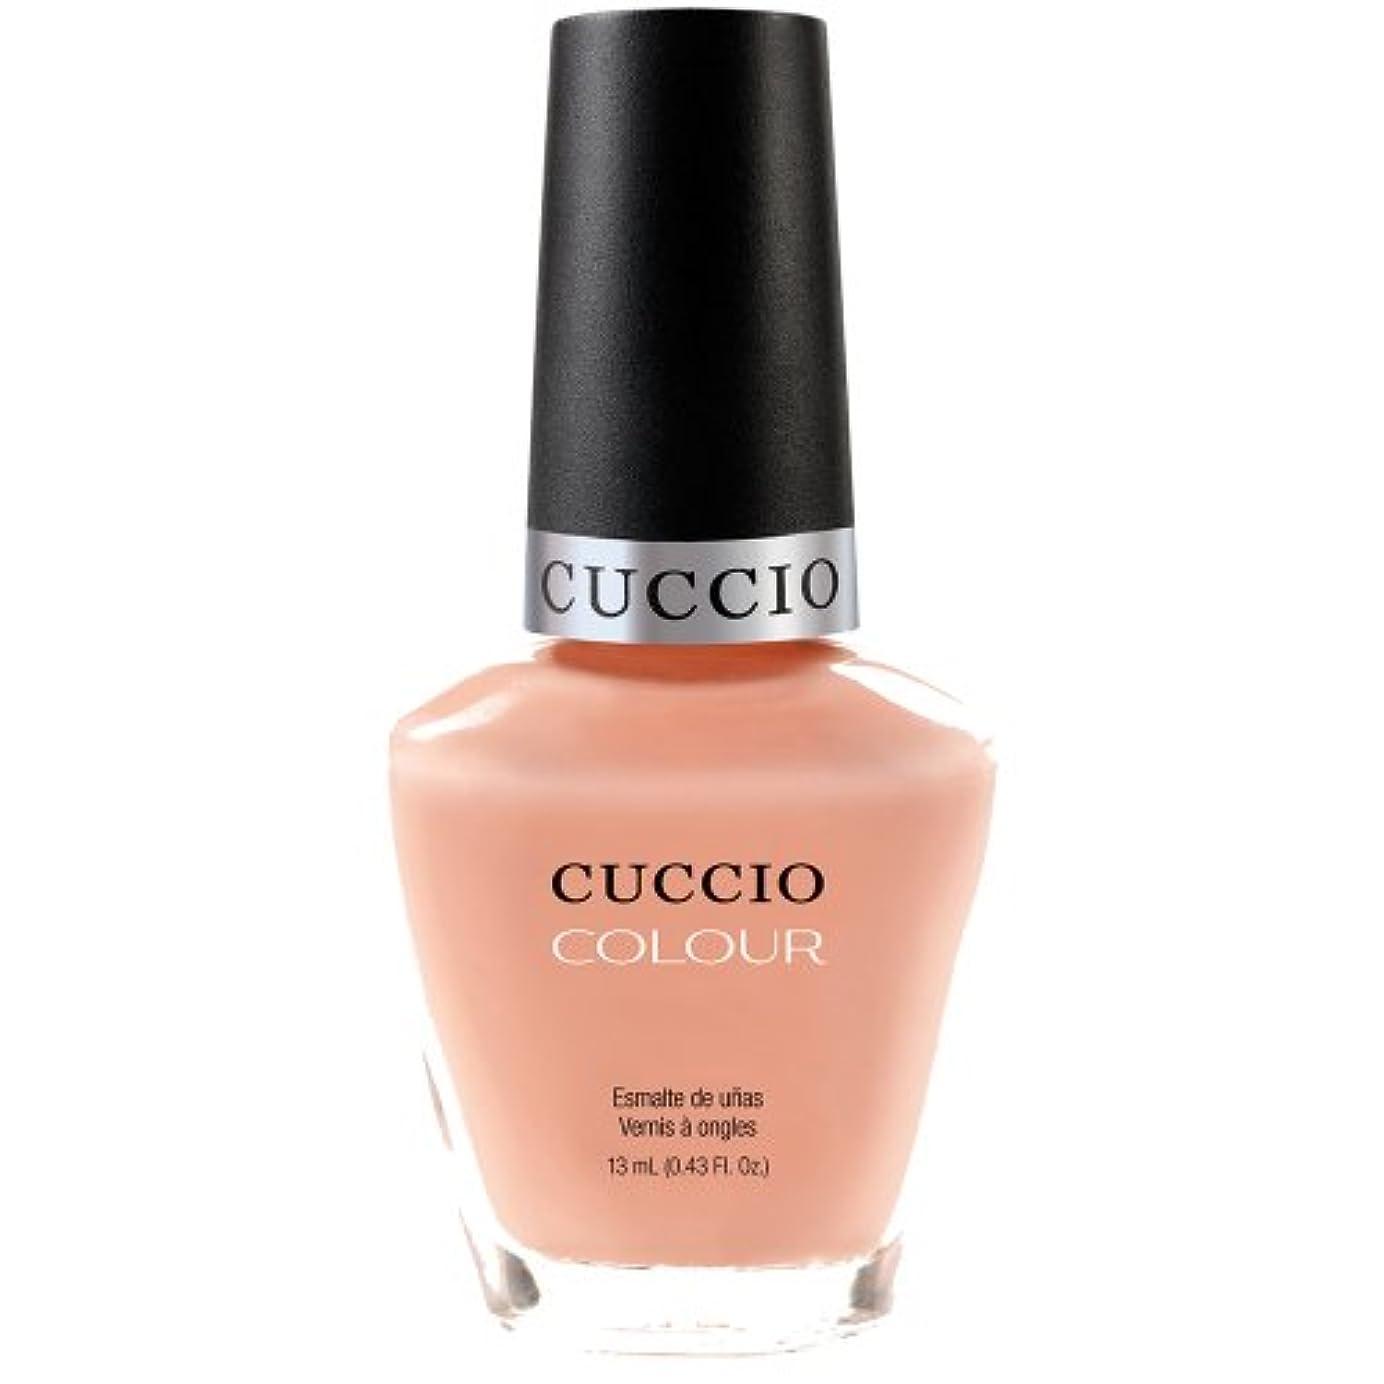 びっくりする過剰ずんぐりしたCuccio Colour Gloss Lacquer - Life's A Peach - 0.43oz / 13ml